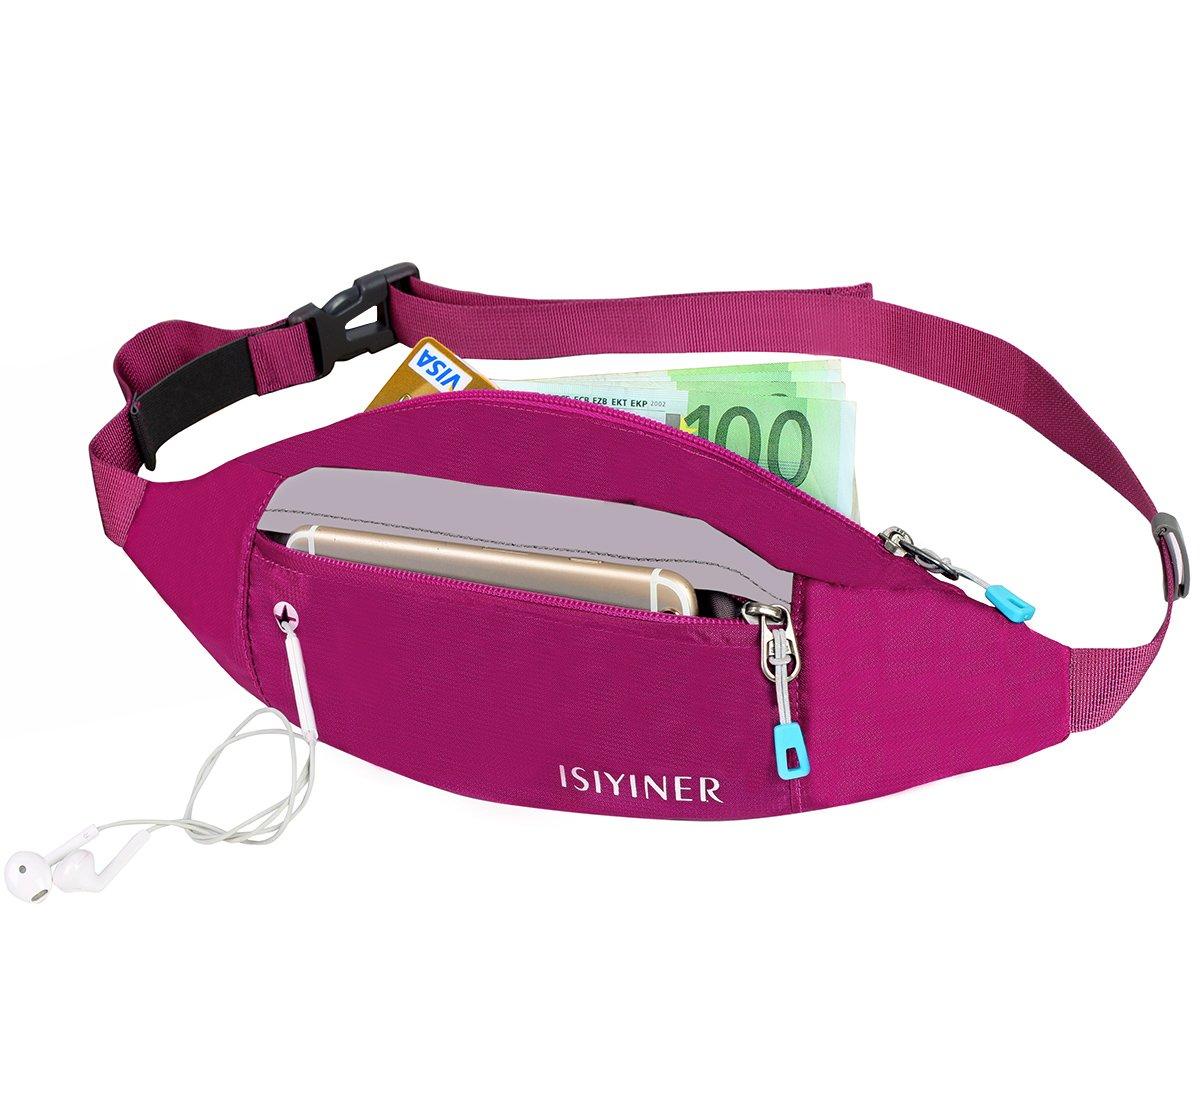 Sac Banane,ISIYINER Ceinture Etanche Running Belt Portable pour Escalade Jogging Randonnée Voyage stocker un smartphone un passeport et des billets connexion d'écouteurs .